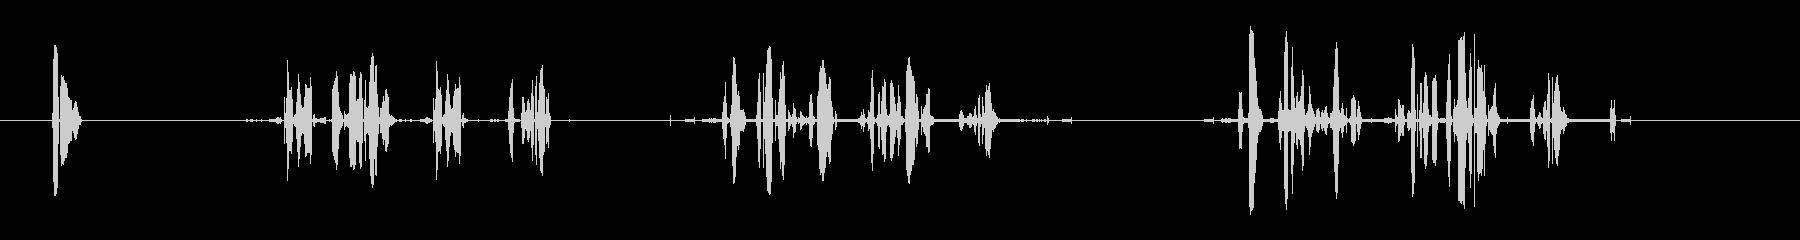 内部電話回答_オペレーター_の未再生の波形